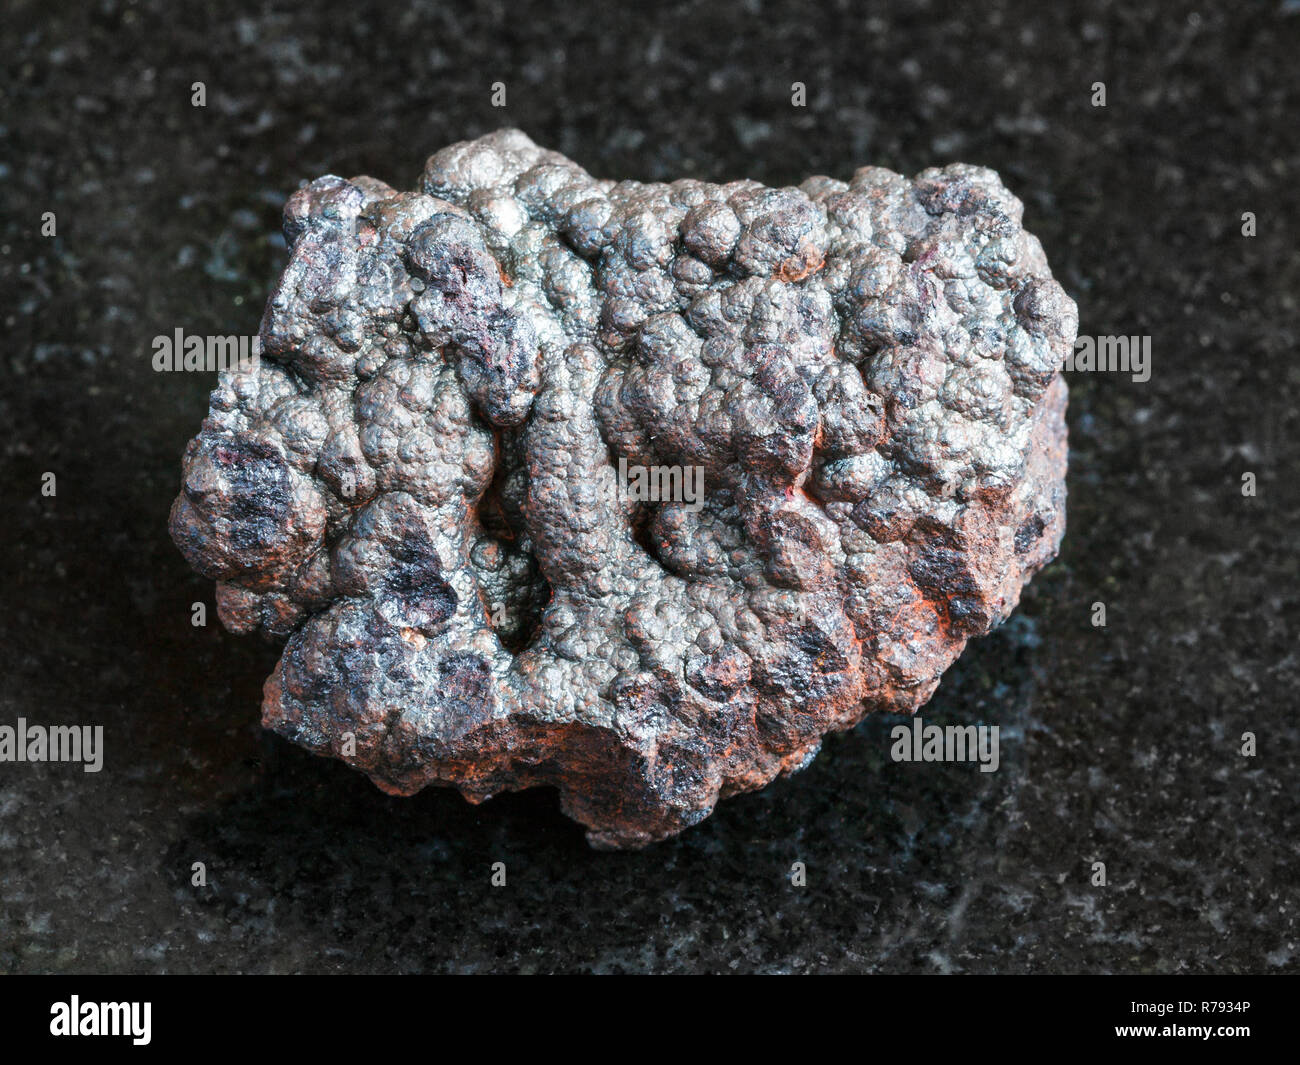 rough Goethite stone on black - Stock Image